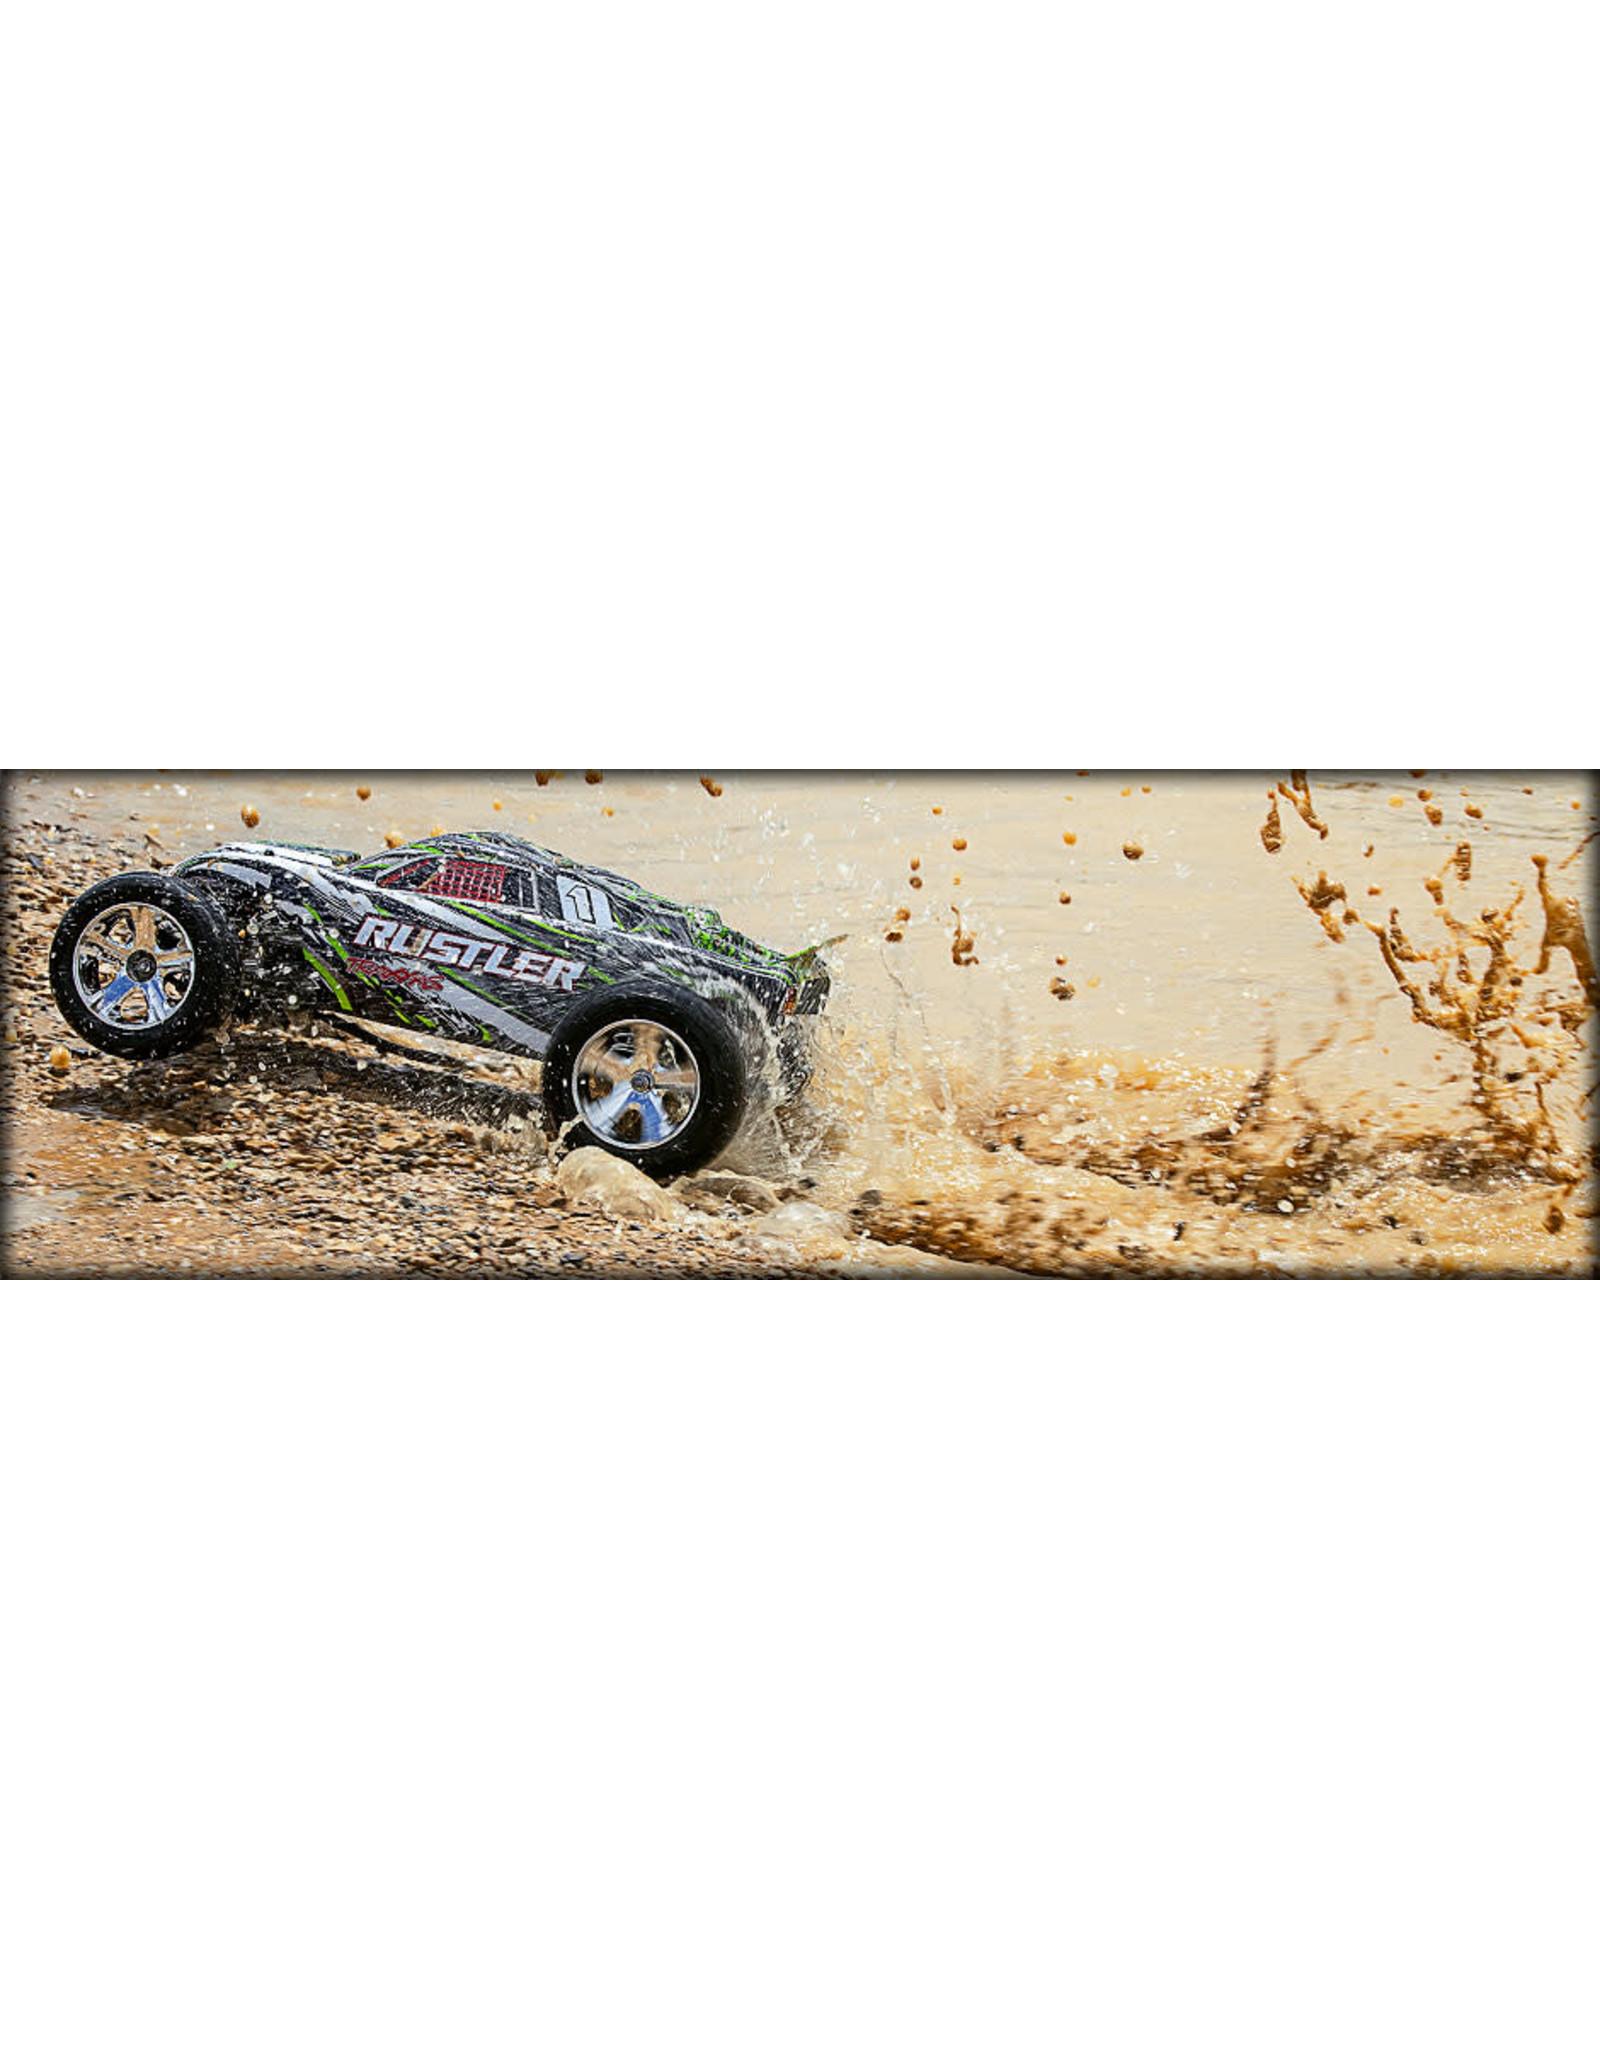 Traxxas Traxxas Rustler 2WD 1/10 scale Green